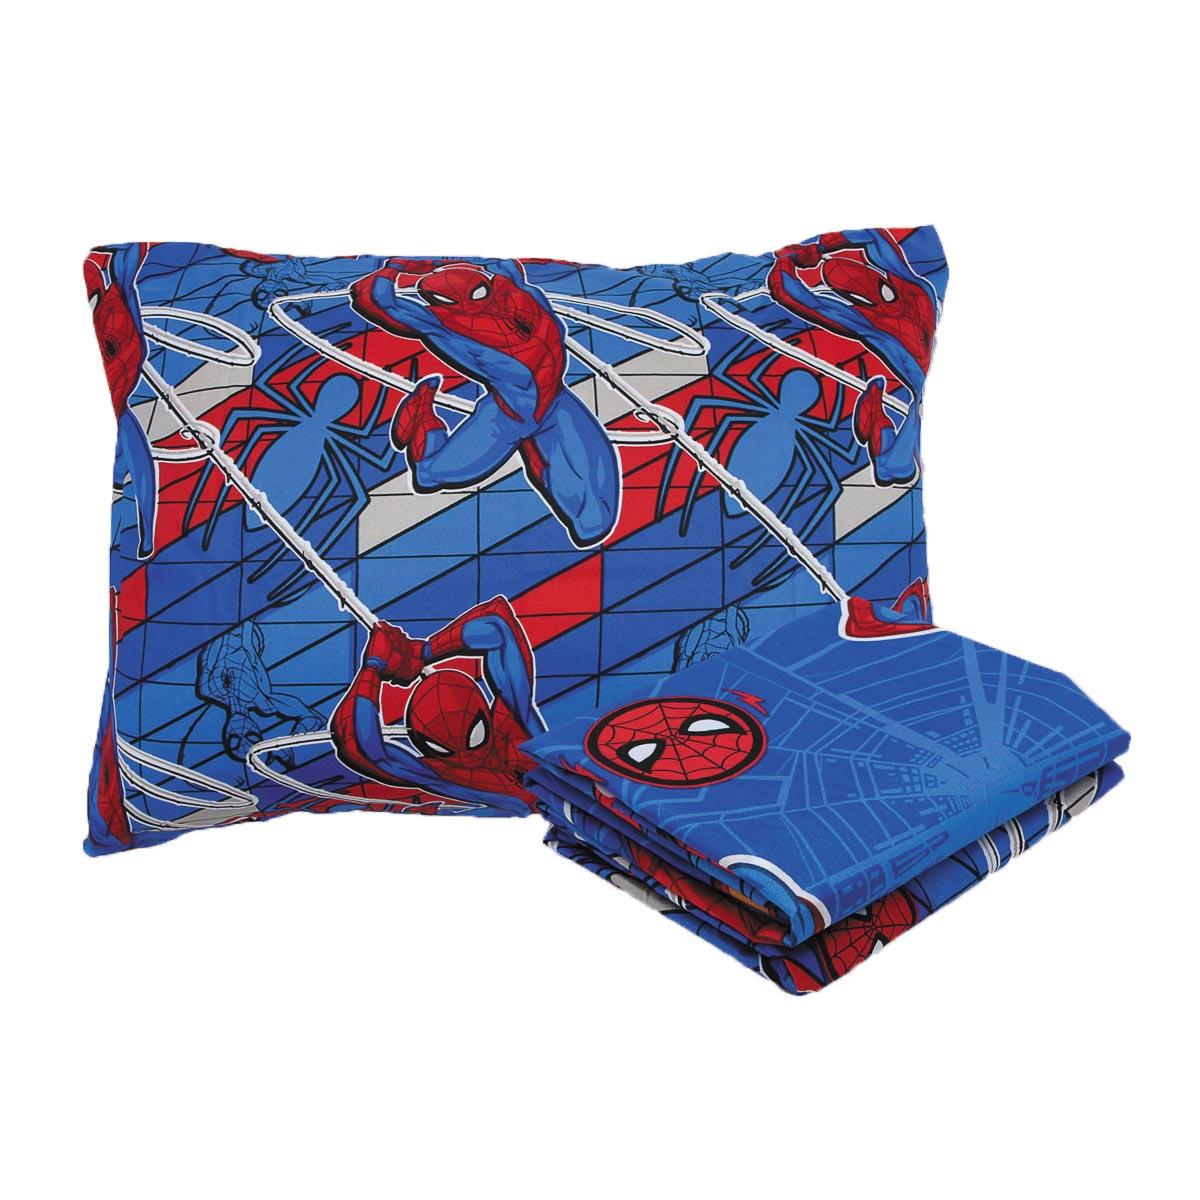 Kit Infantil Homem Aranha Spider Man Jogo Cama + Edredom Lepper